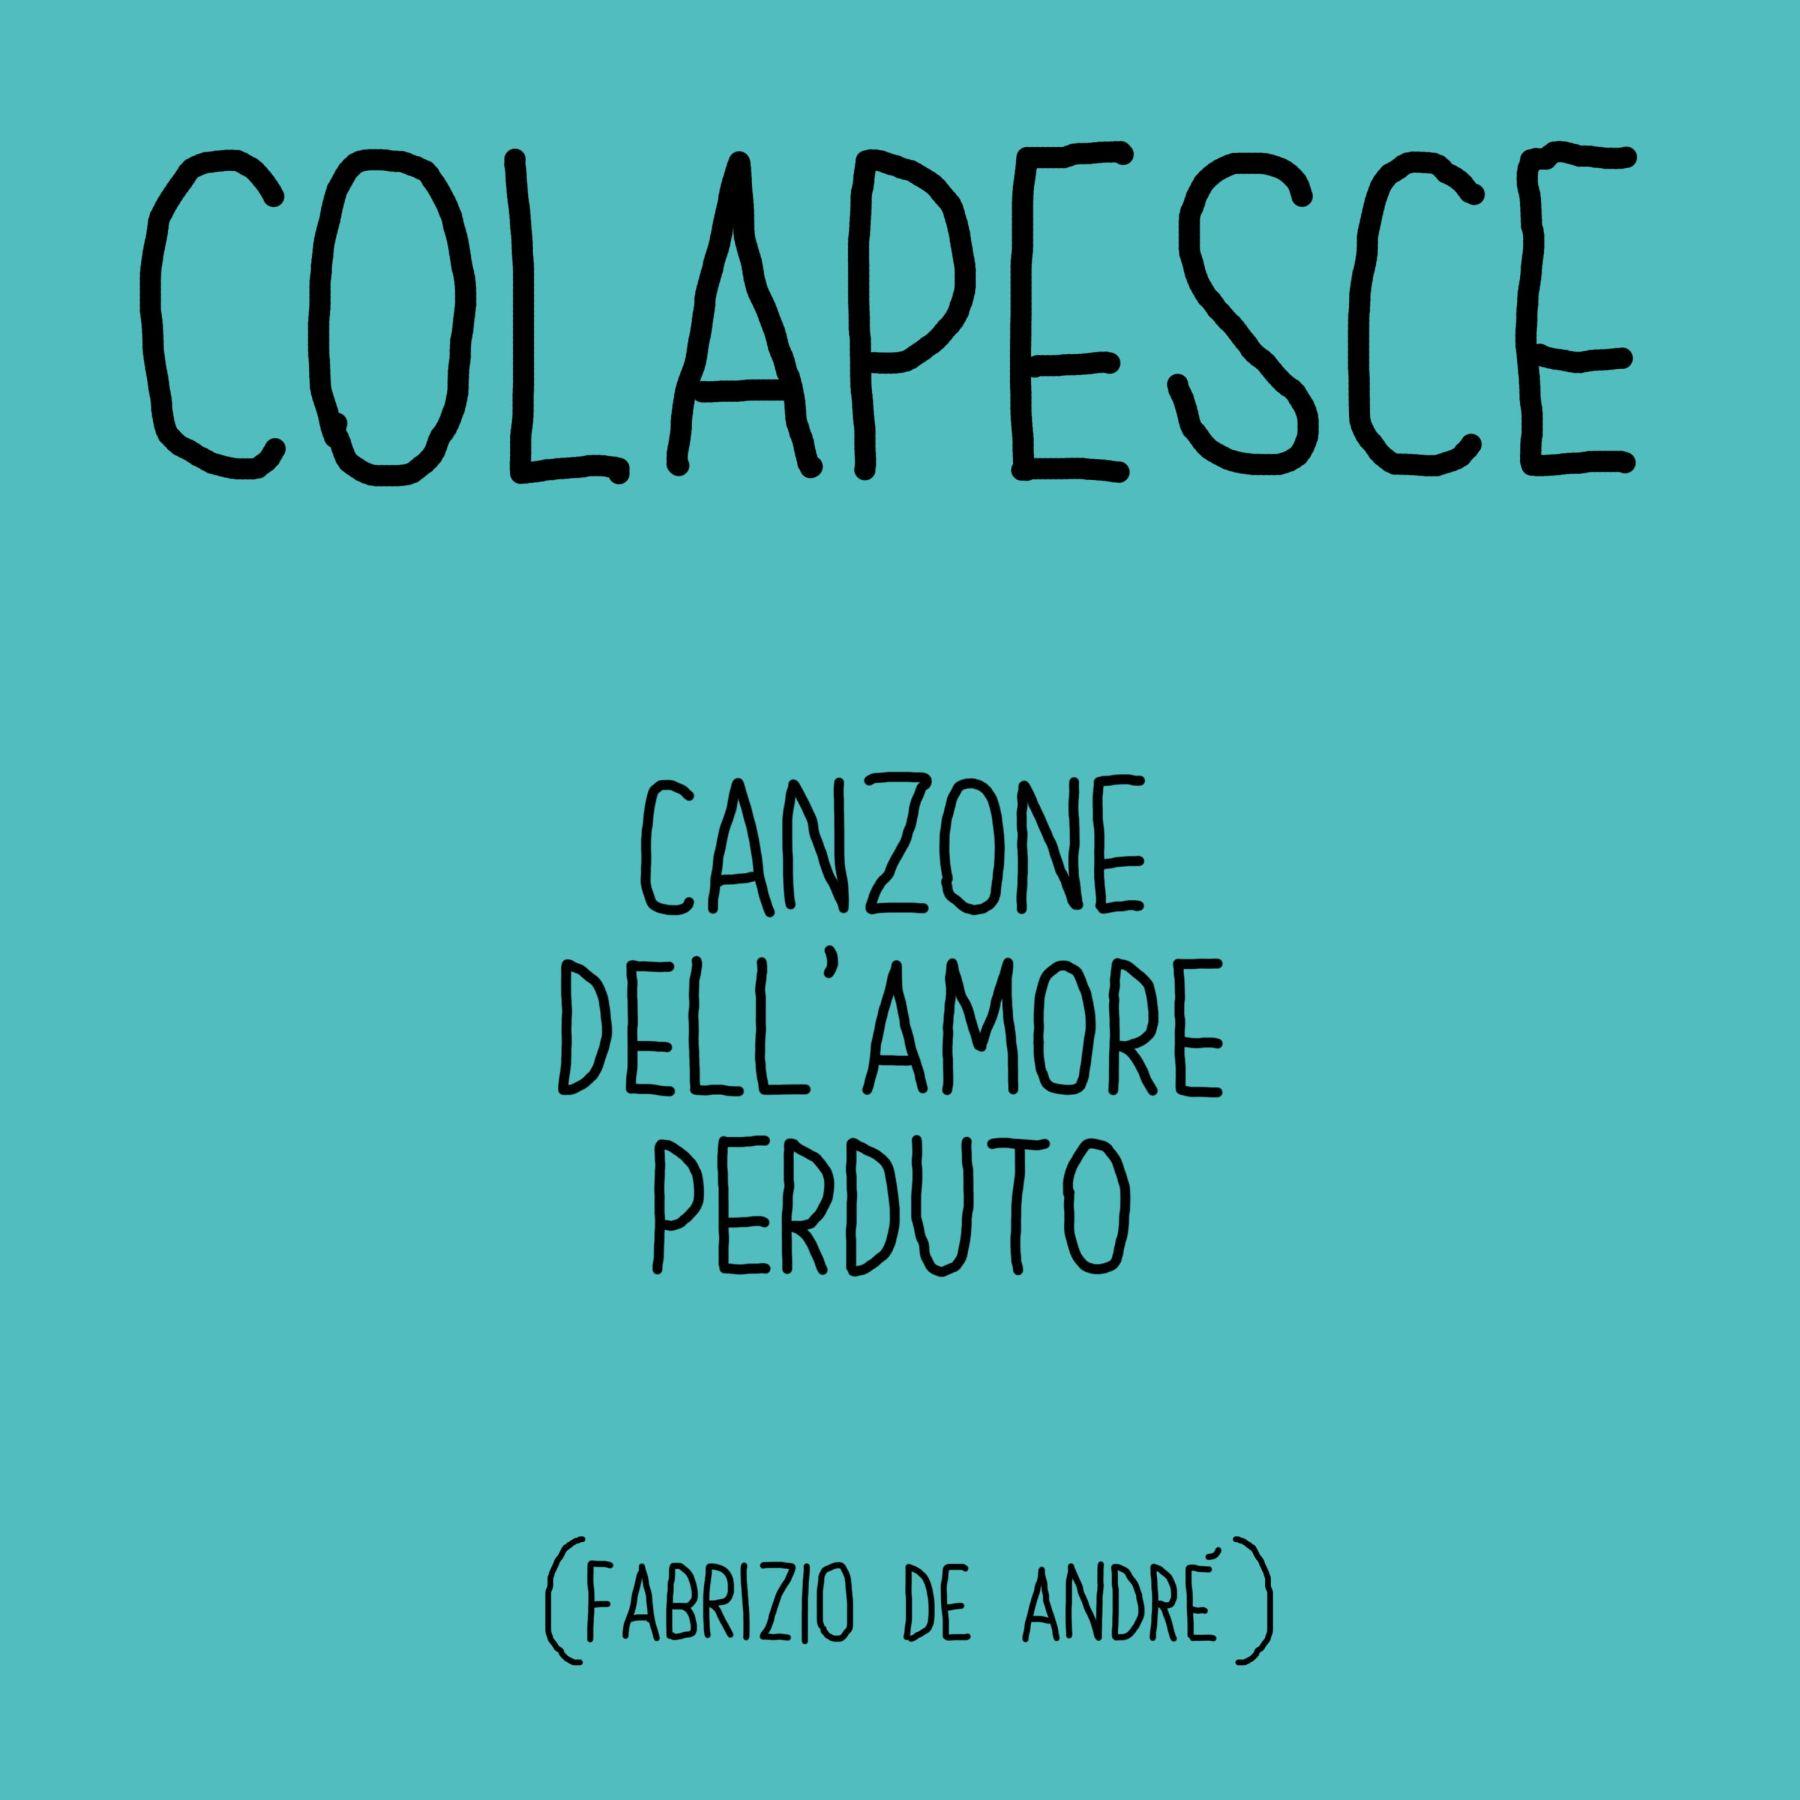 COLAPESCE – CANZONE DELL'AMORE PERDUTO